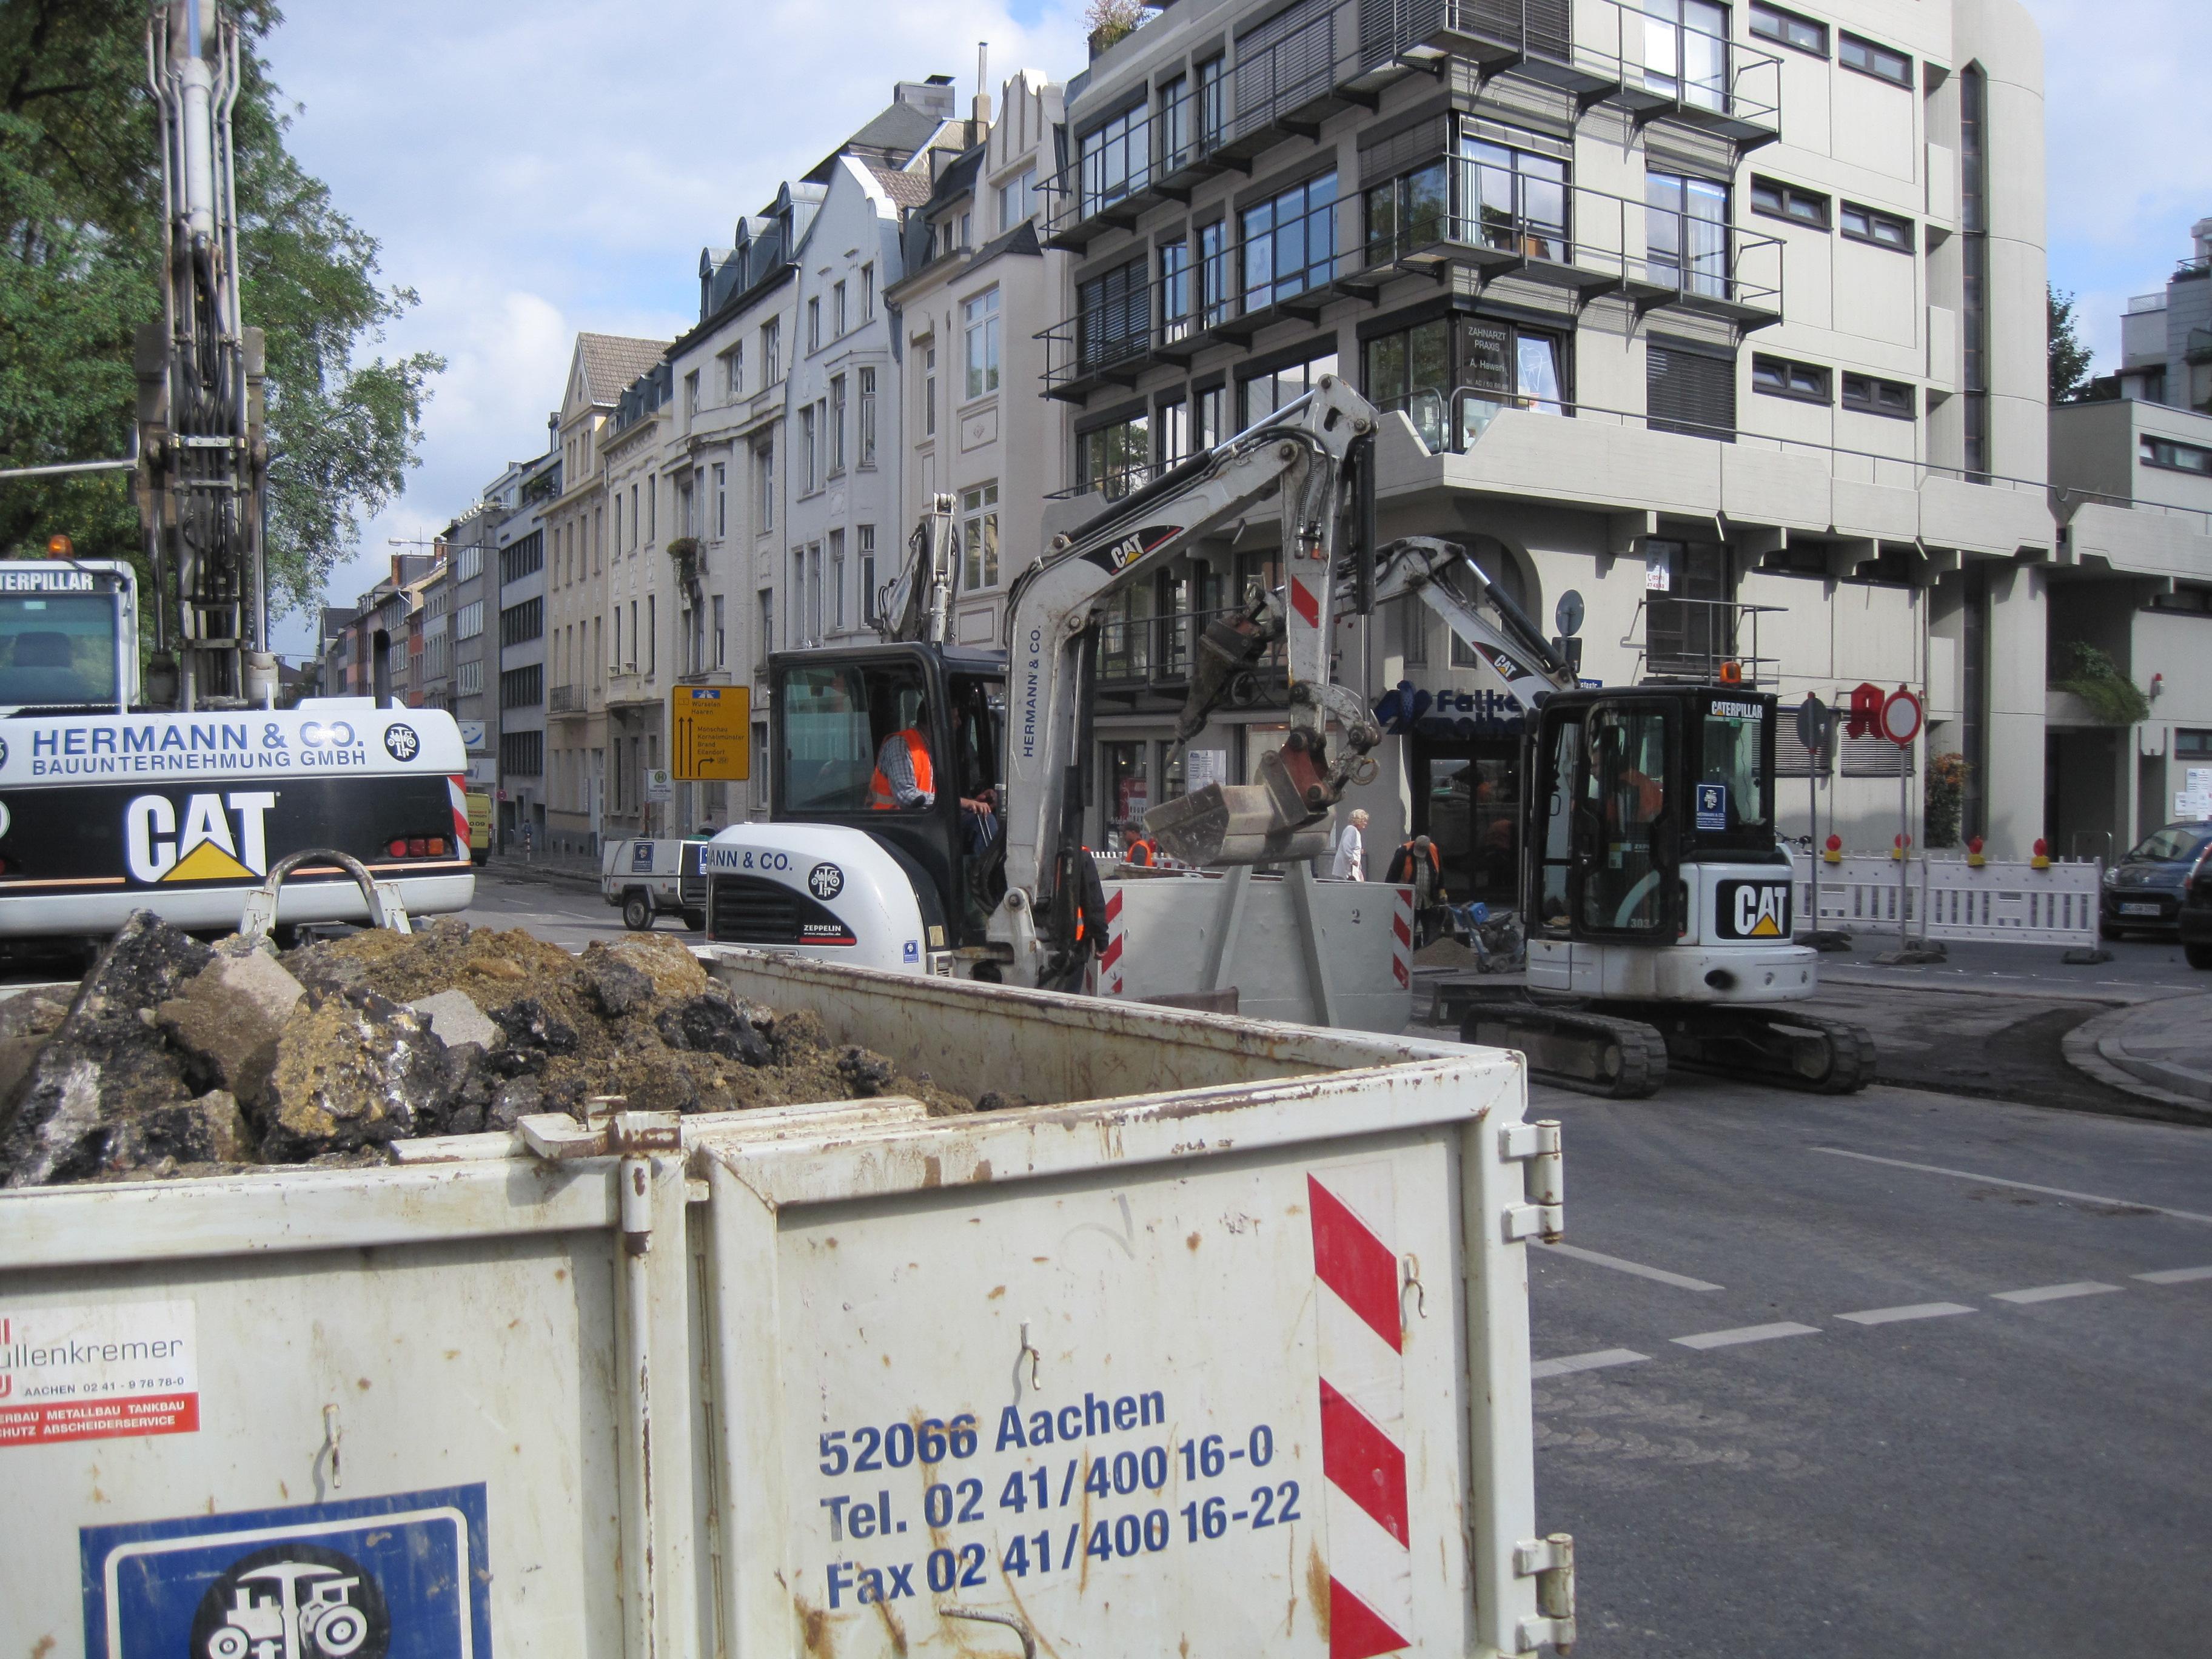 Bauunternehmen Aachen strassenbau tiefbauunternehmen strabenbauunternehmen